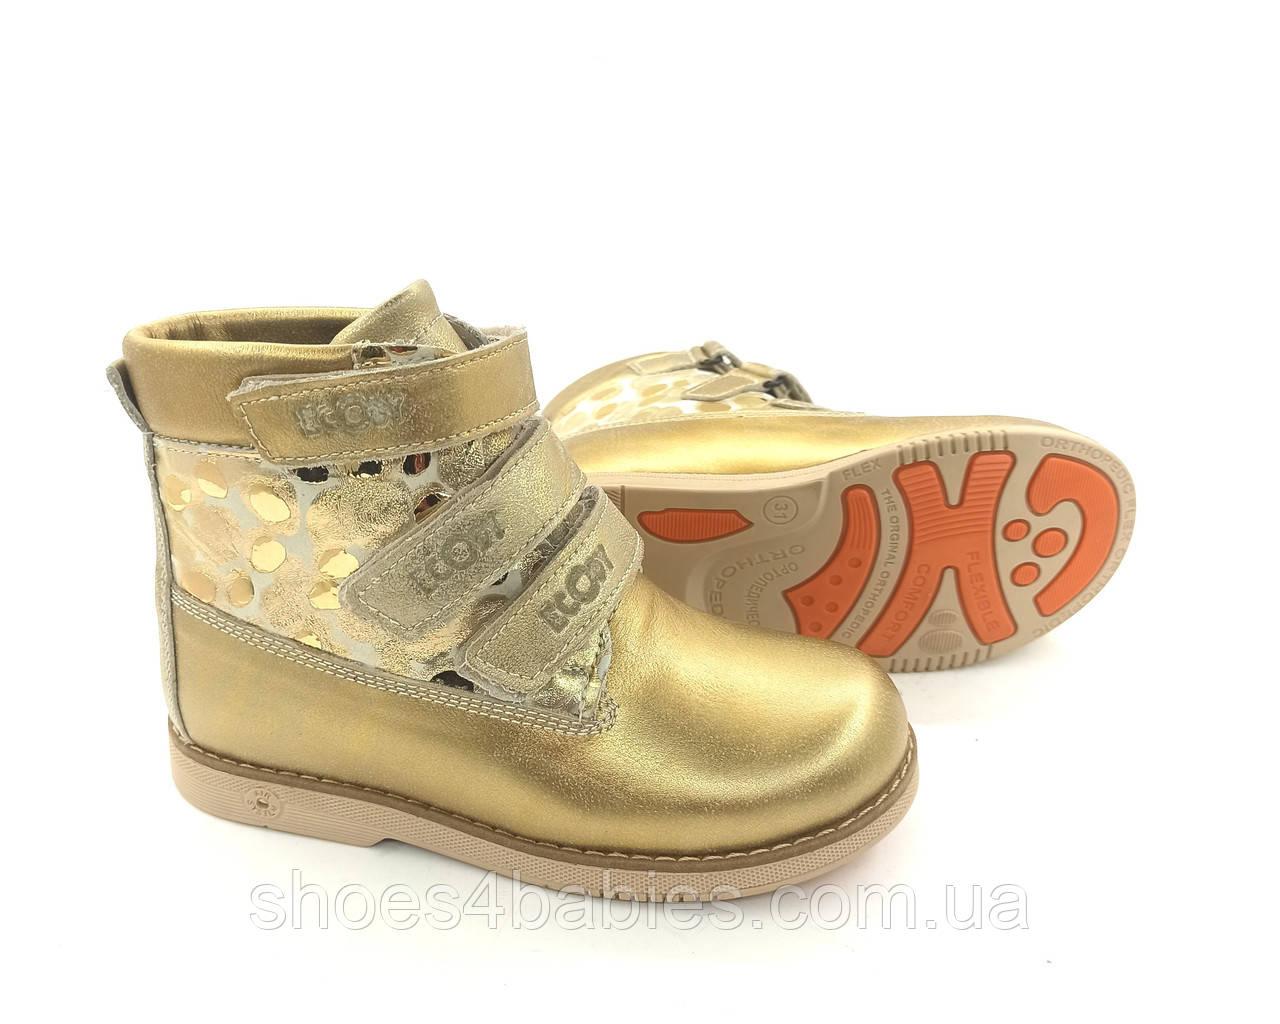 Ортопедические ботинки зимние Ecoby 204 міх р. 31 - 20,5 см